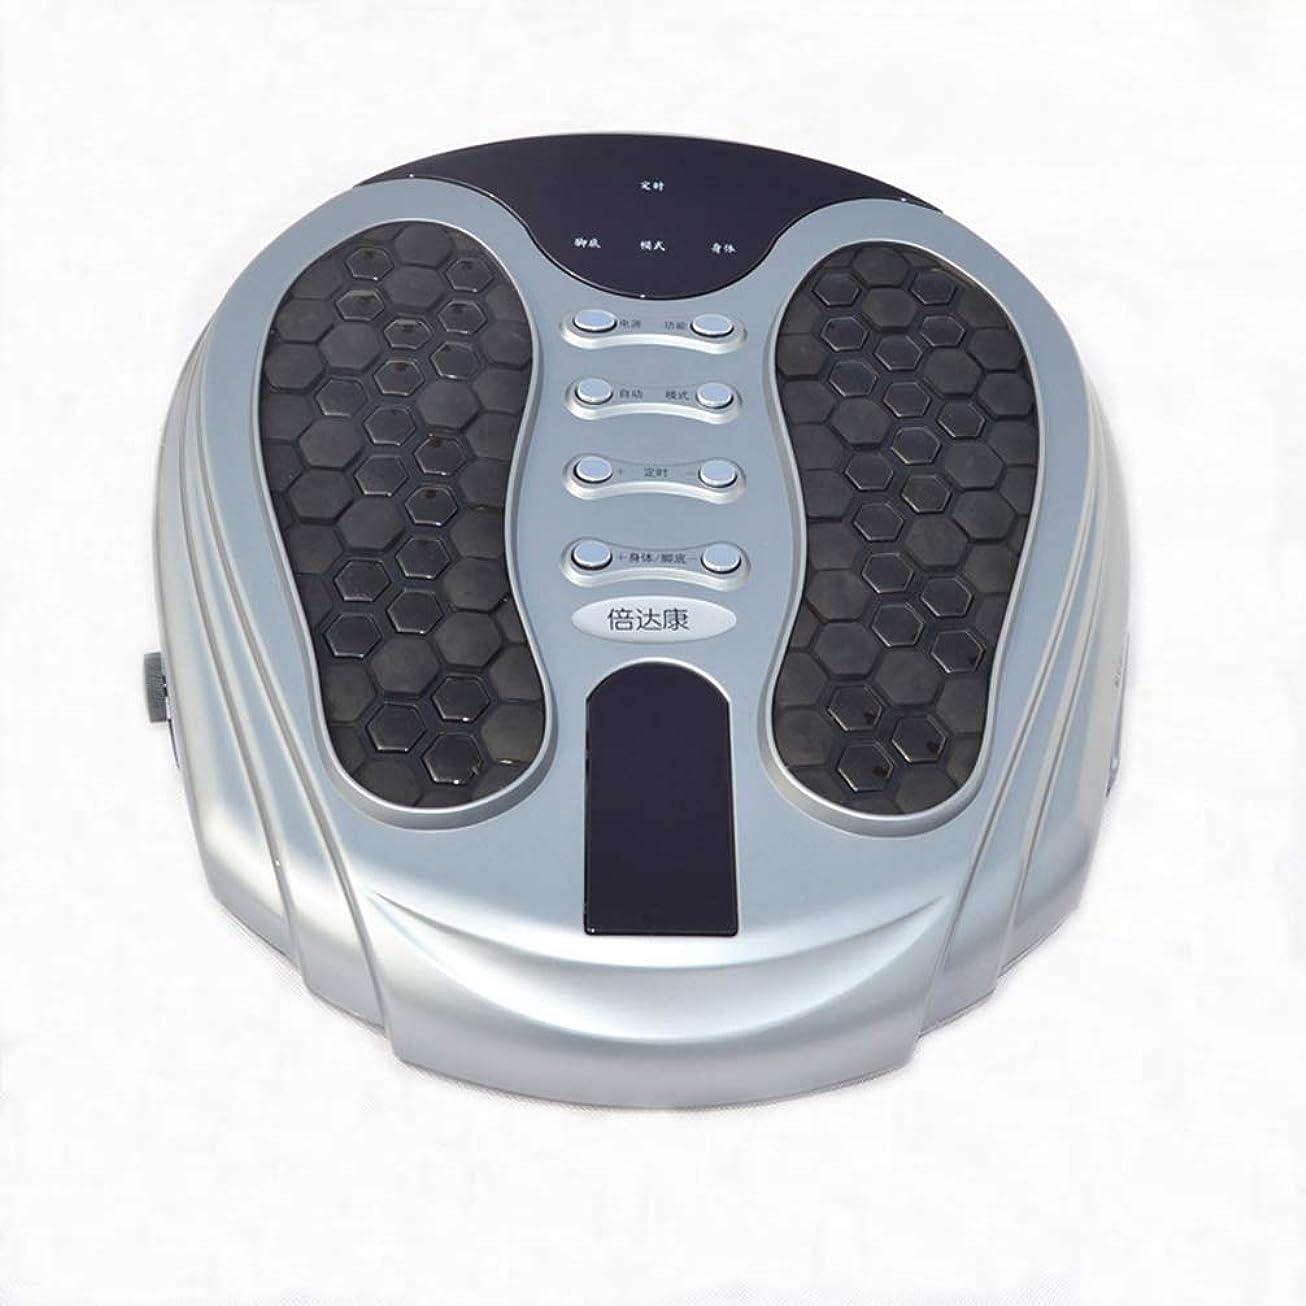 カカドゥ違反する法律調整可能 フットマッサージャーマシン、温度36?55℃、切り替え可能な熱、深練り、足の痛みを和らげるリモートコントロールフィートマッサージャー。 超薄型, silver